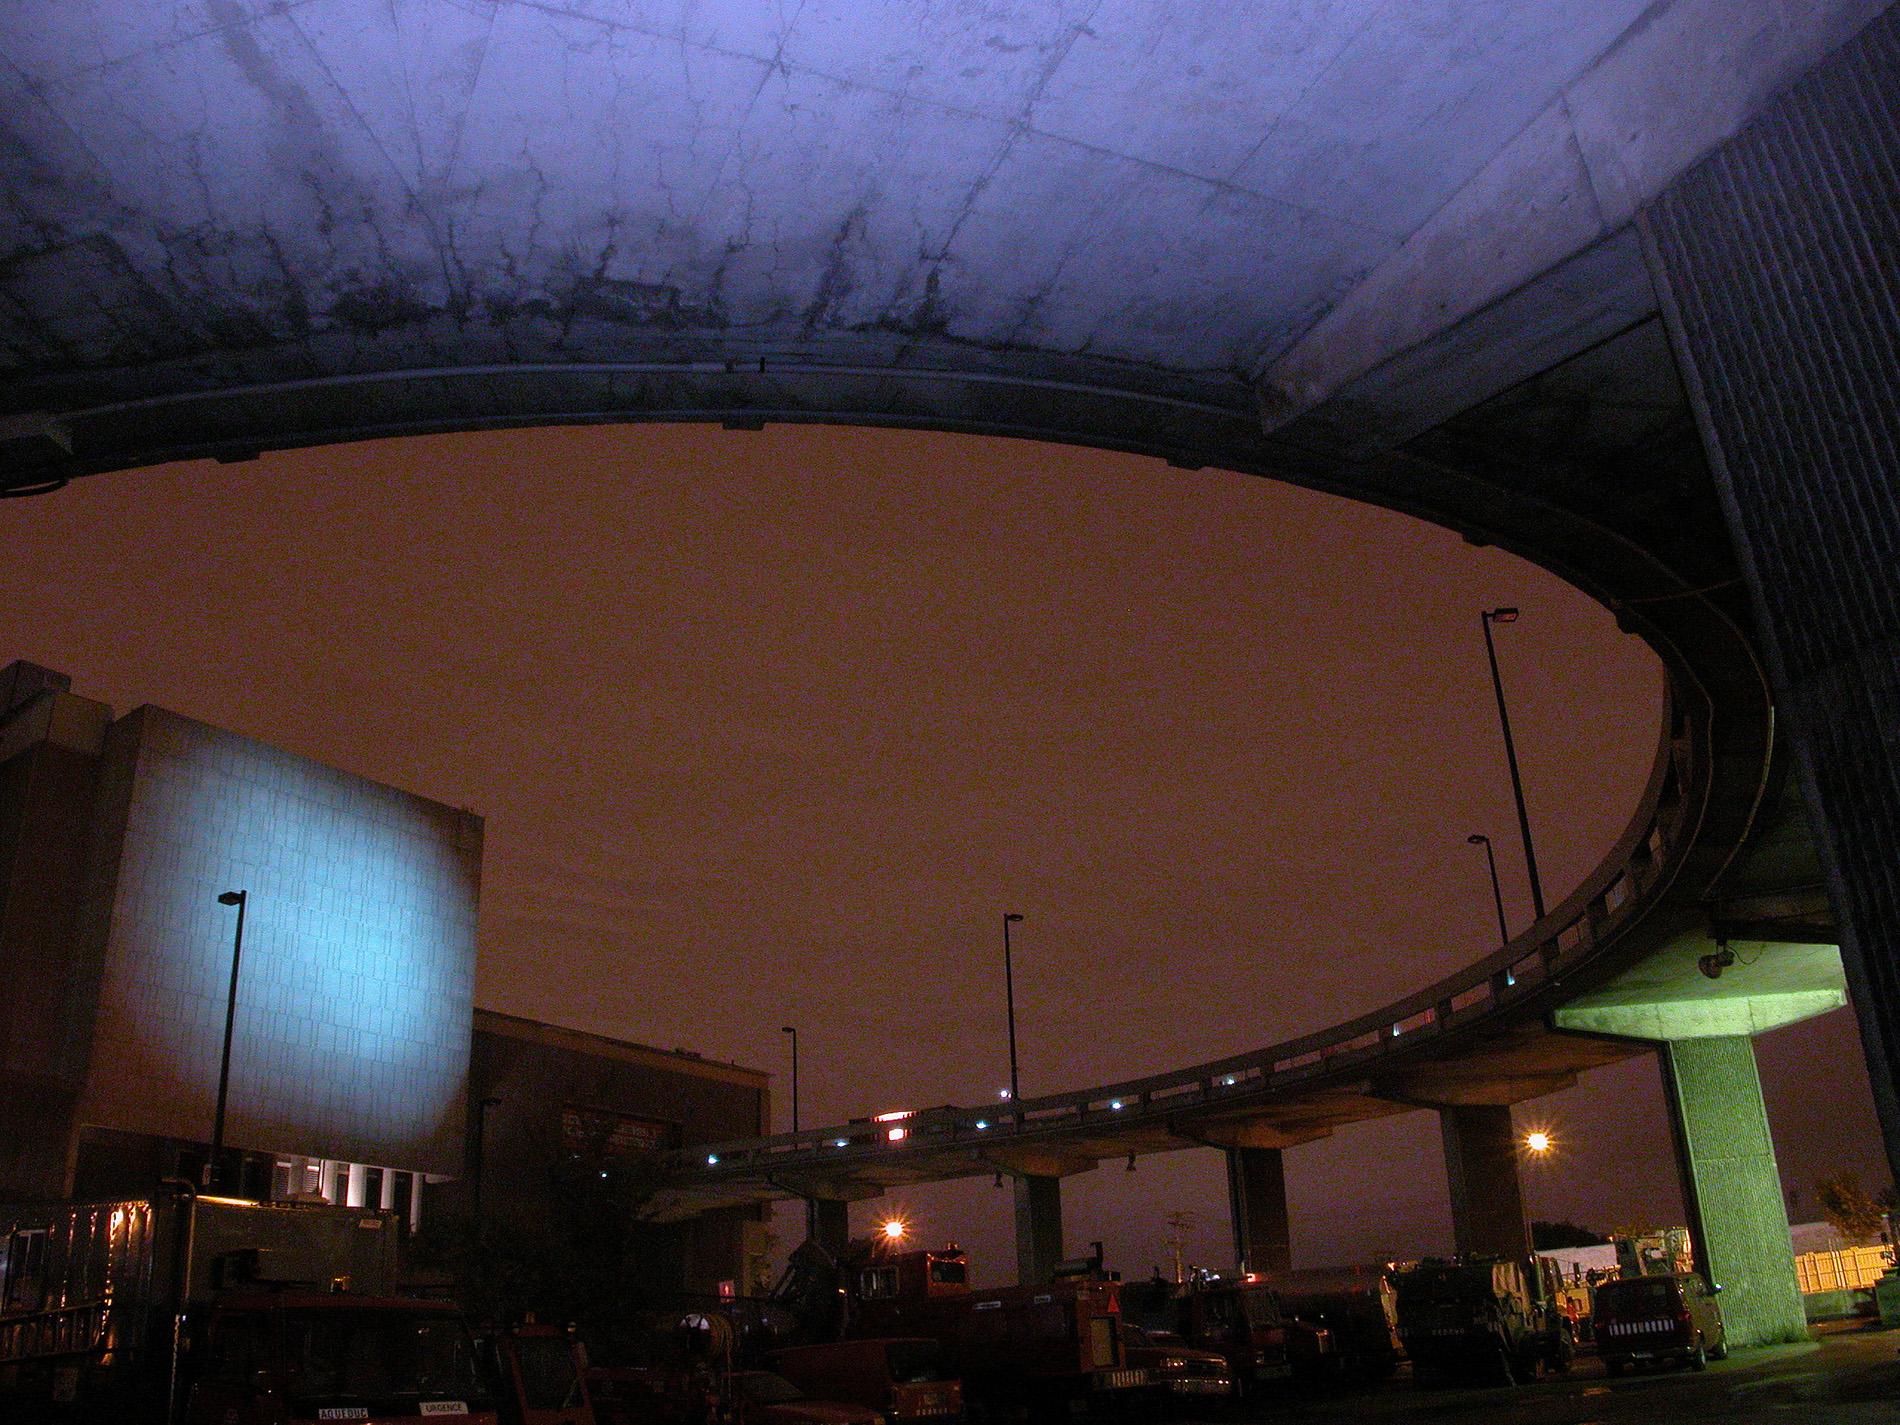 Vue du dessous de la rampe de béton menant au quai de déchargement. Crédit photo © Marc Gibert